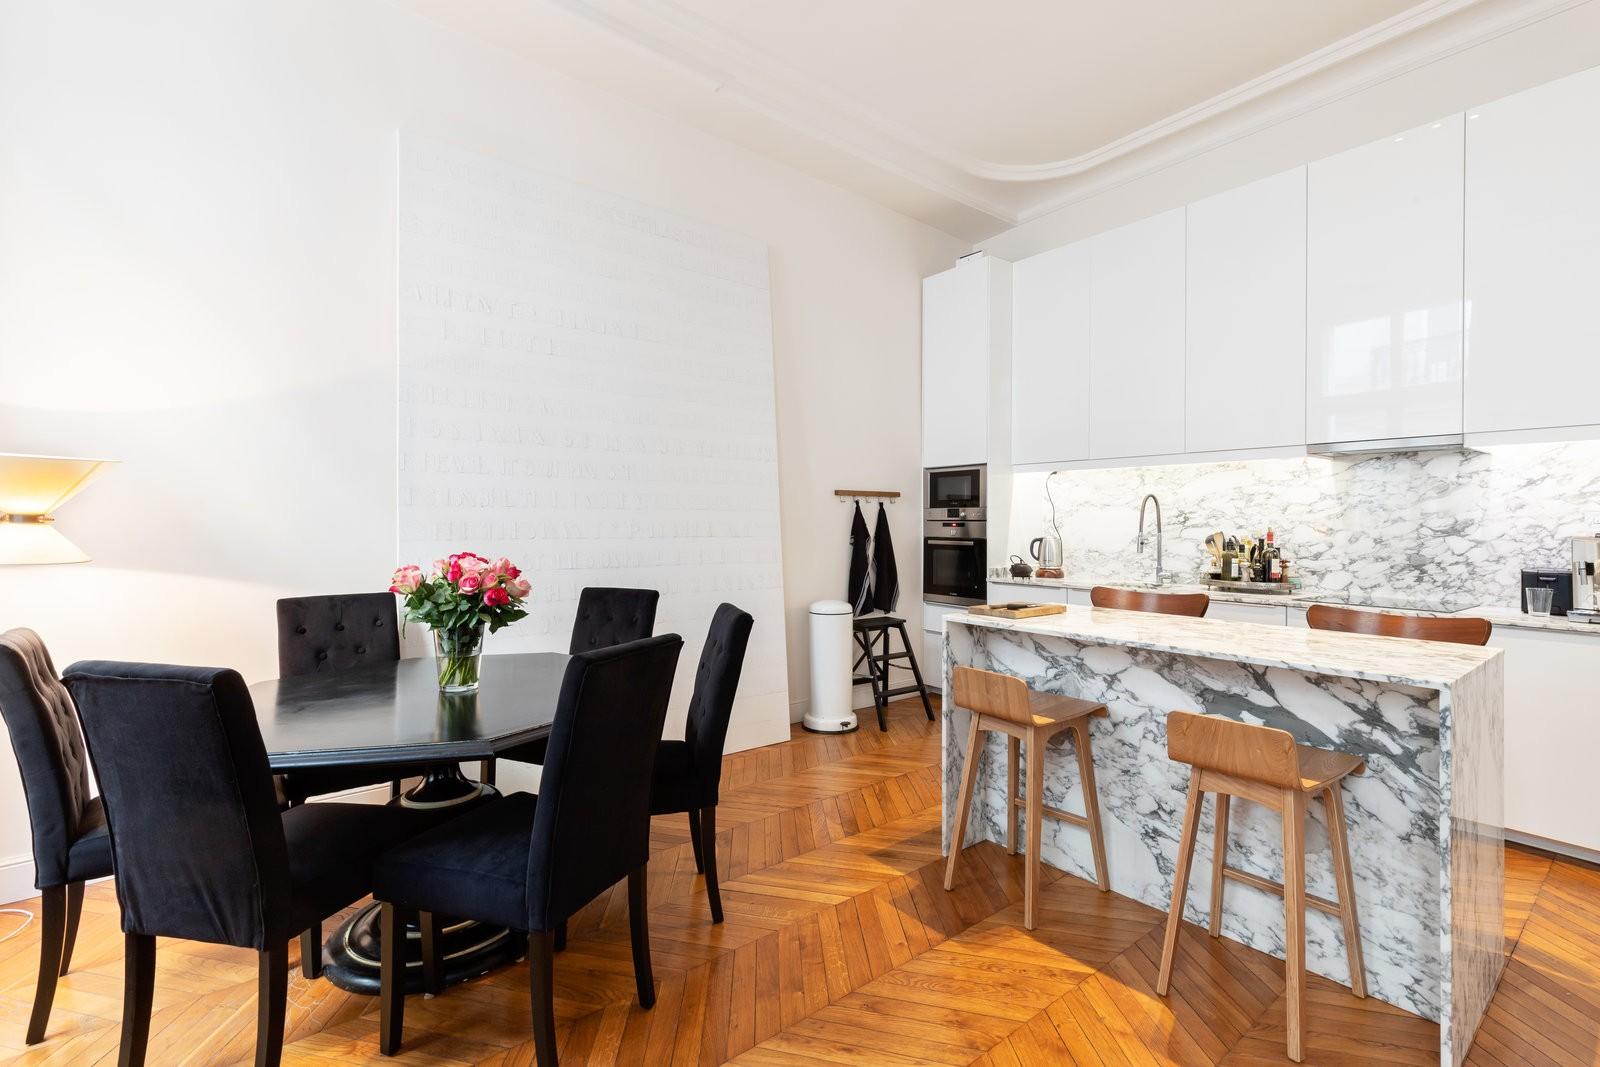 Cuisine ouverte en marbre et mobilier blanc. Des chaises sont disposées autour du bar/plan de travail central. Ouverte sur un espace où se trouve une table ronde noir et ses 6 chaises noir également.